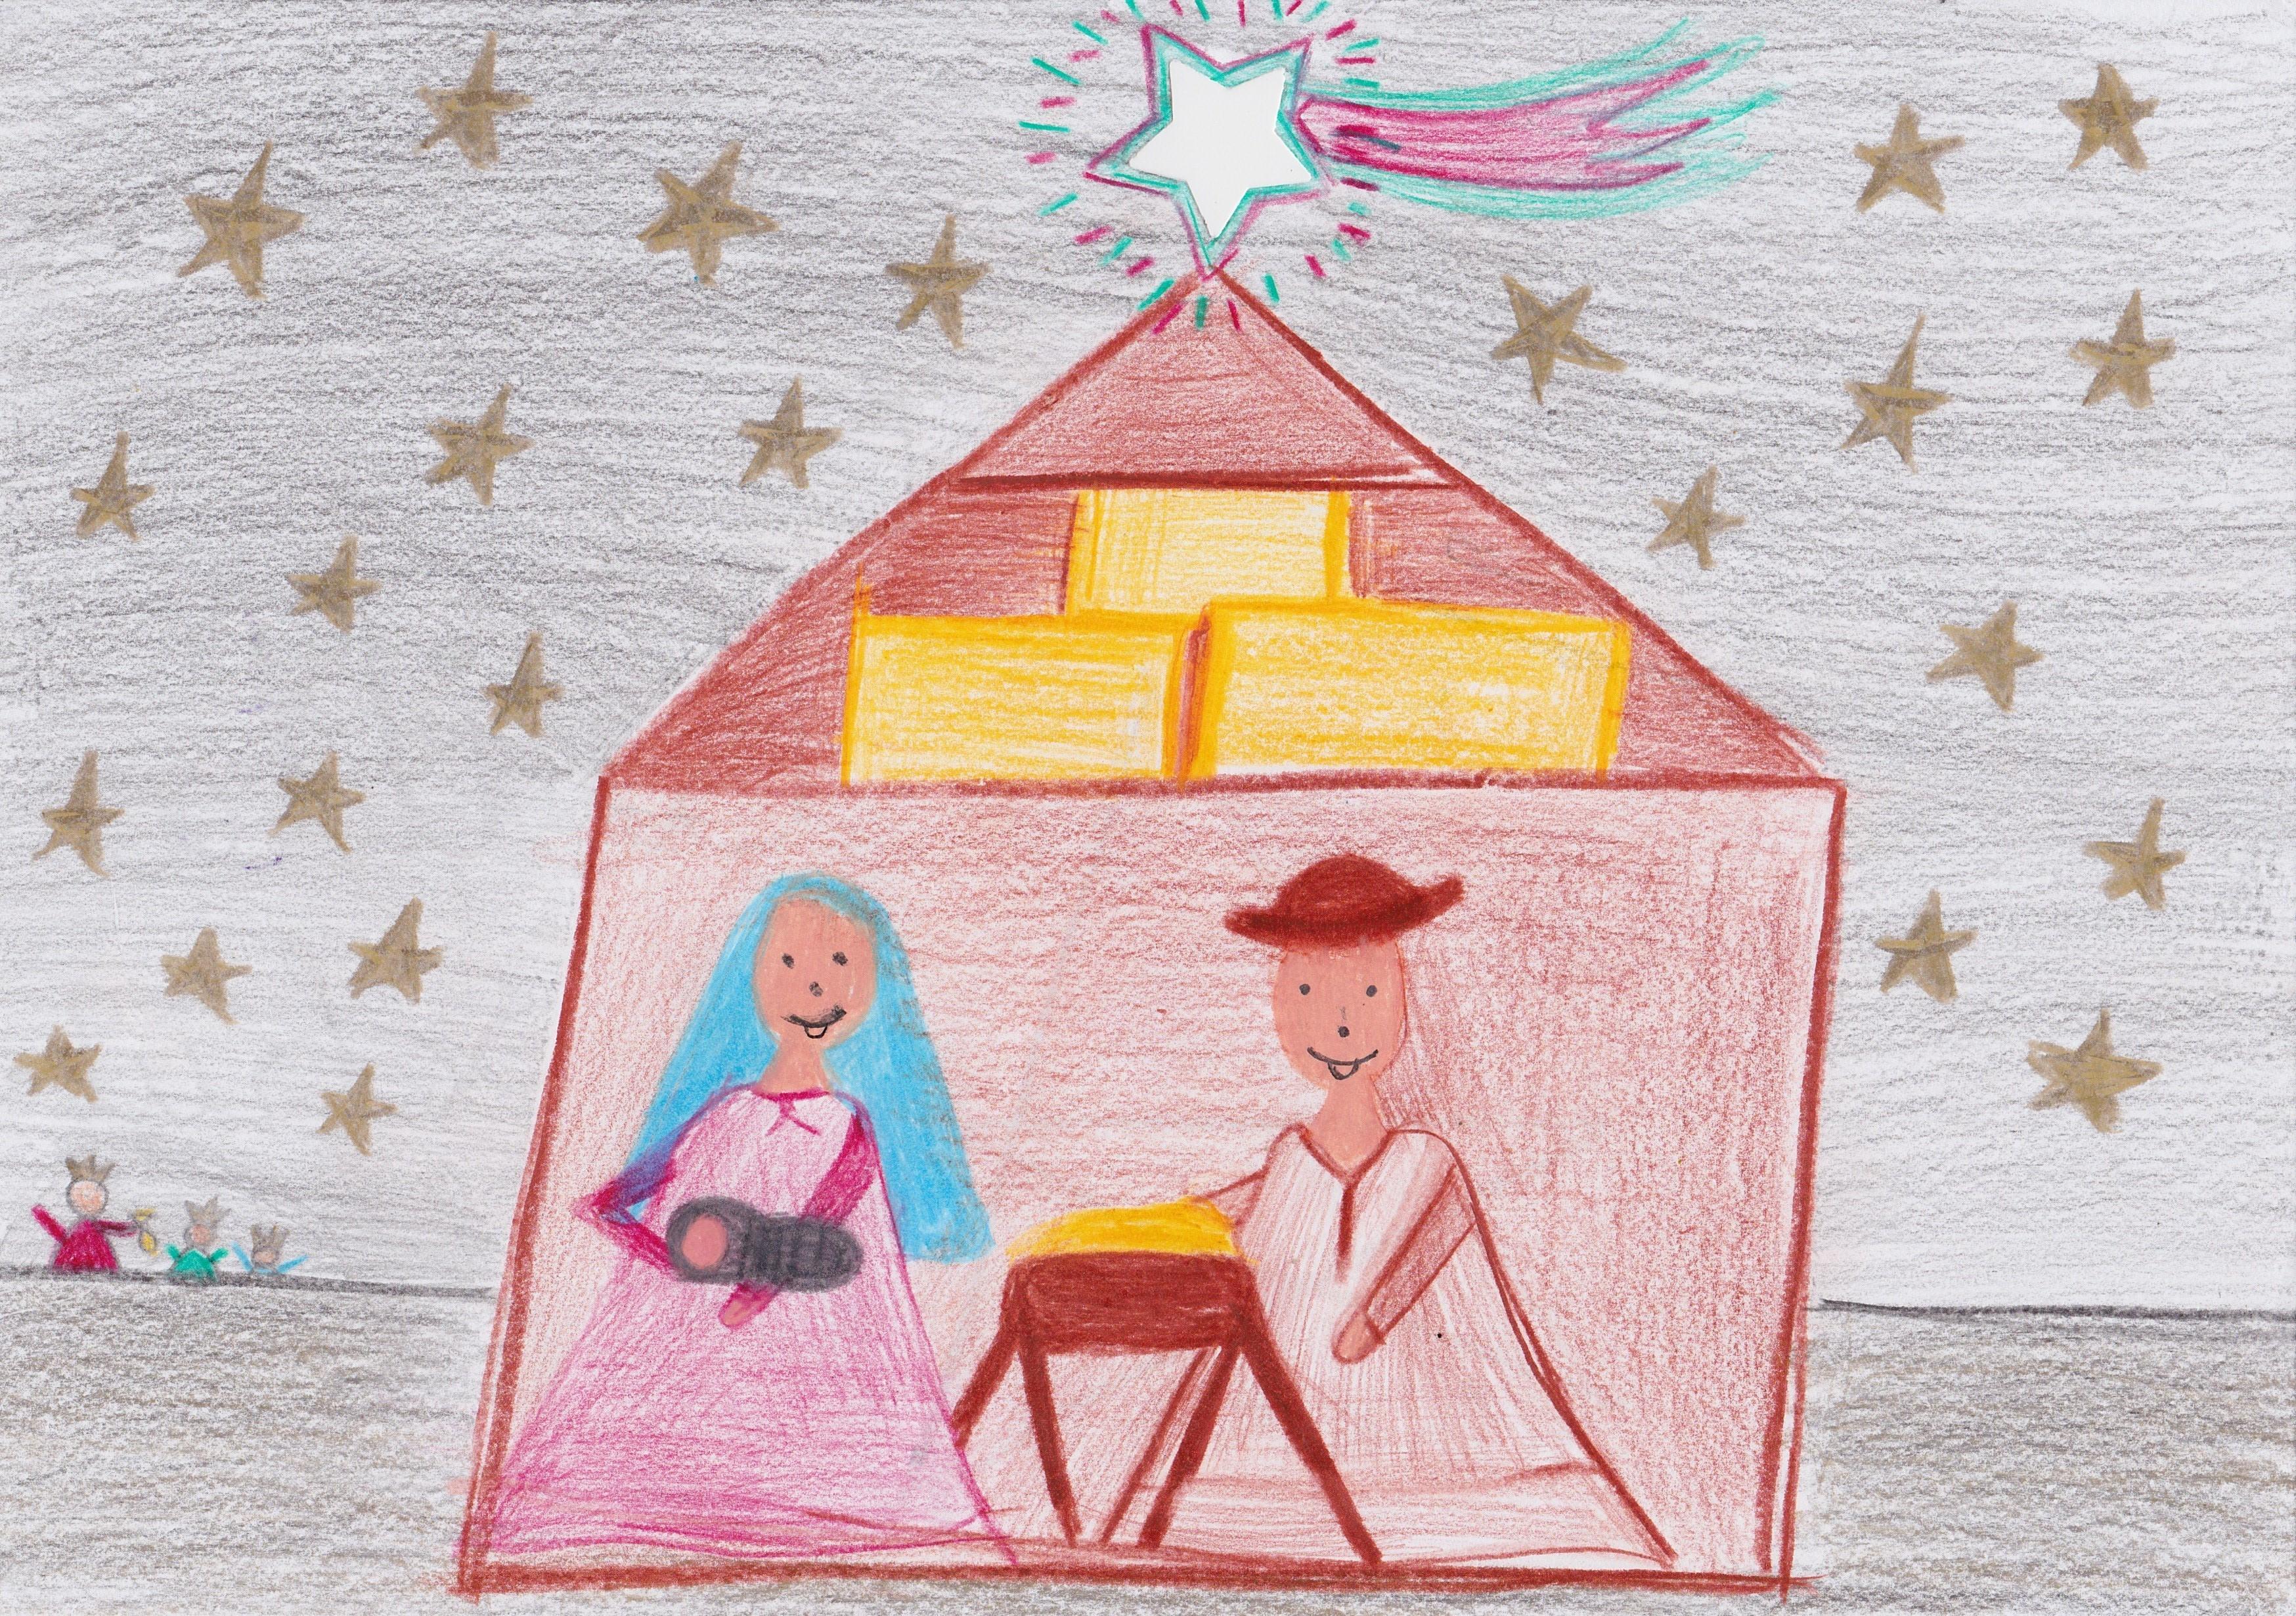 Weihnachtsbilder Gemalt.Malt Weihnachten Neue Braunschweiger